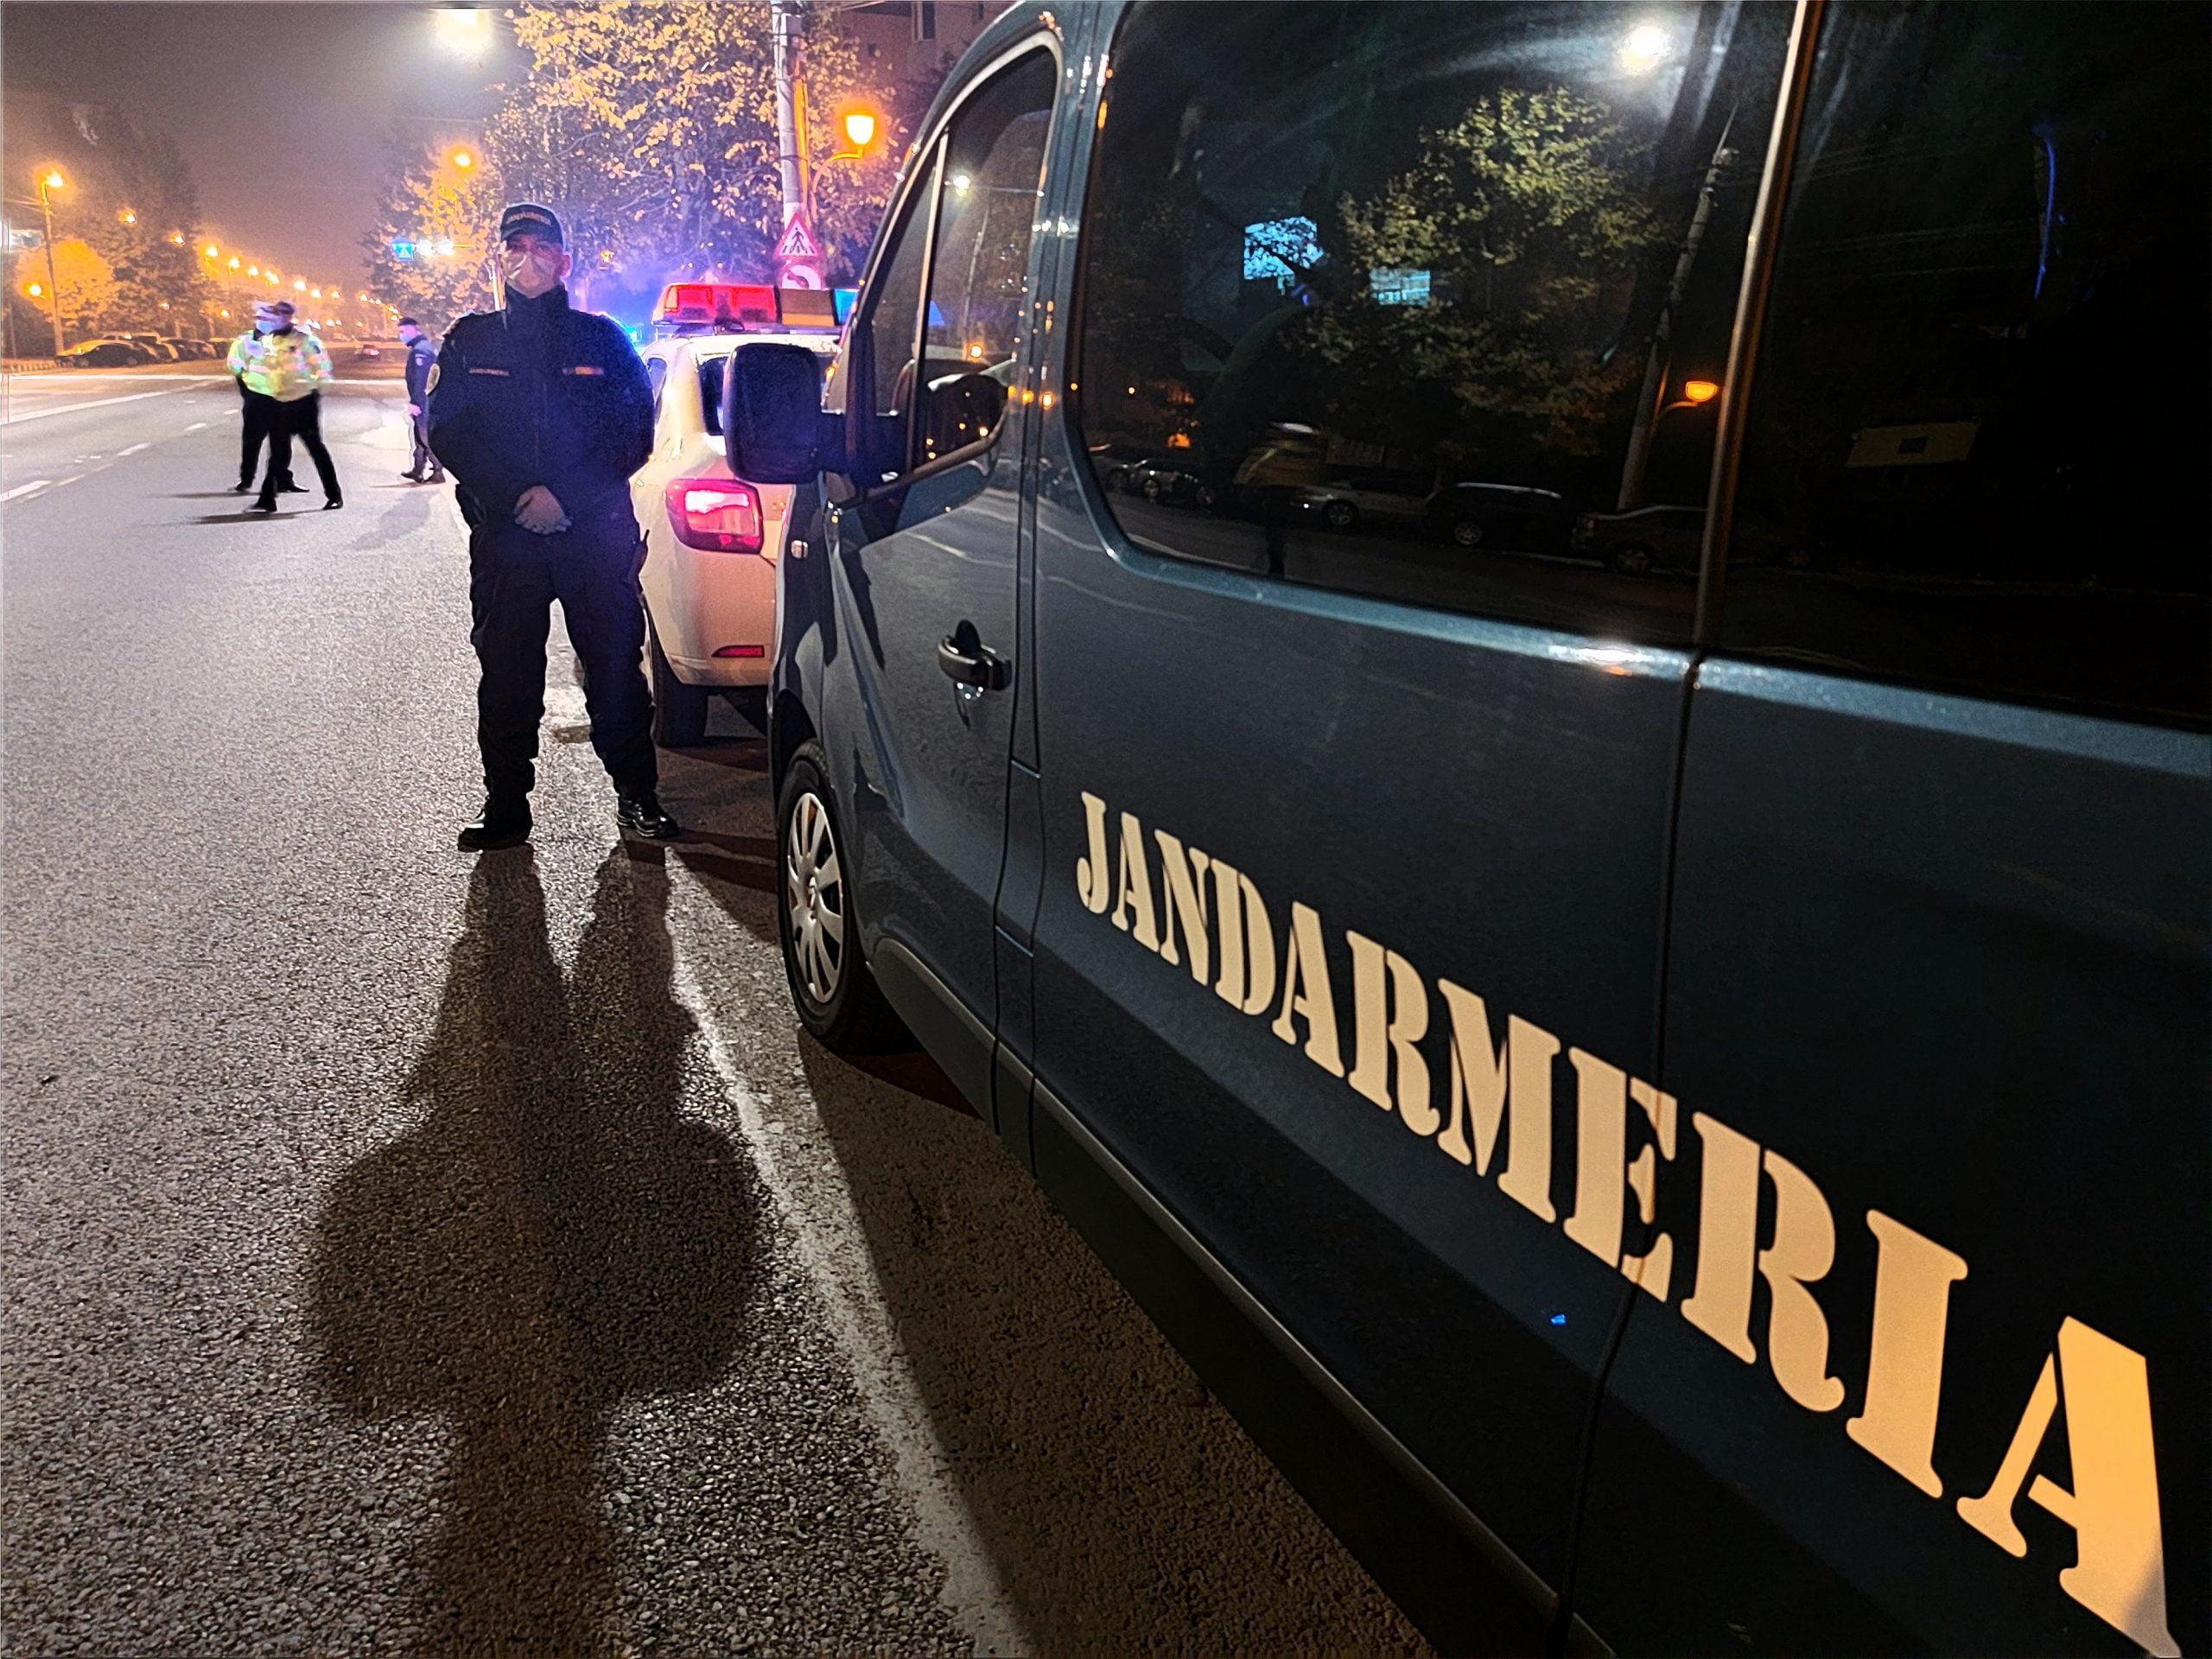 jandarm scaled